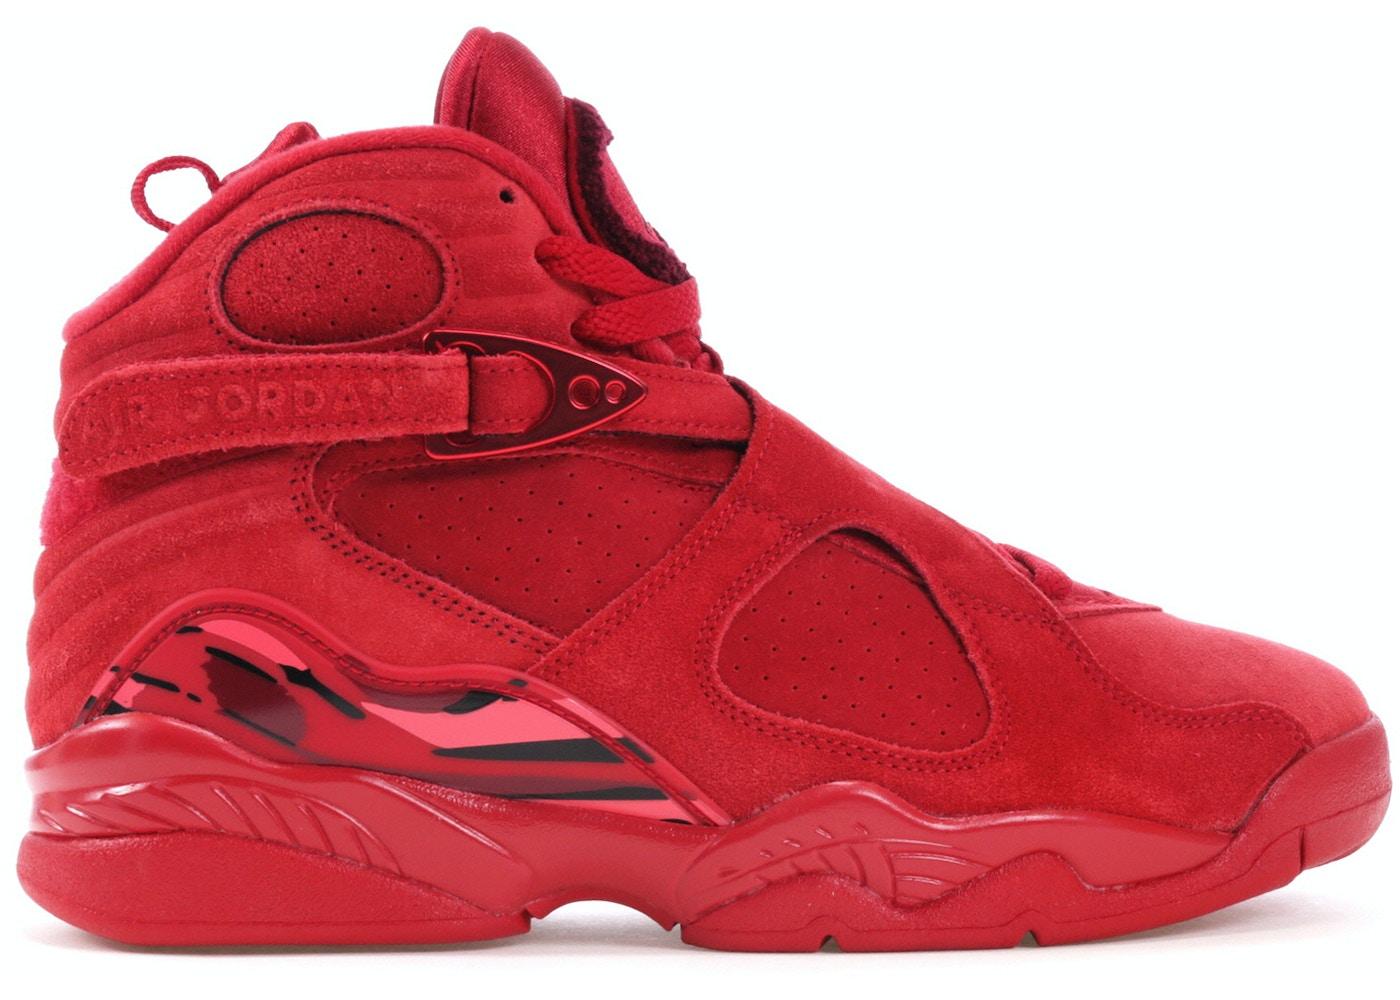 3f6fb70c9ff670 Buy Air Jordan 8 Shoes   Deadstock Sneakers